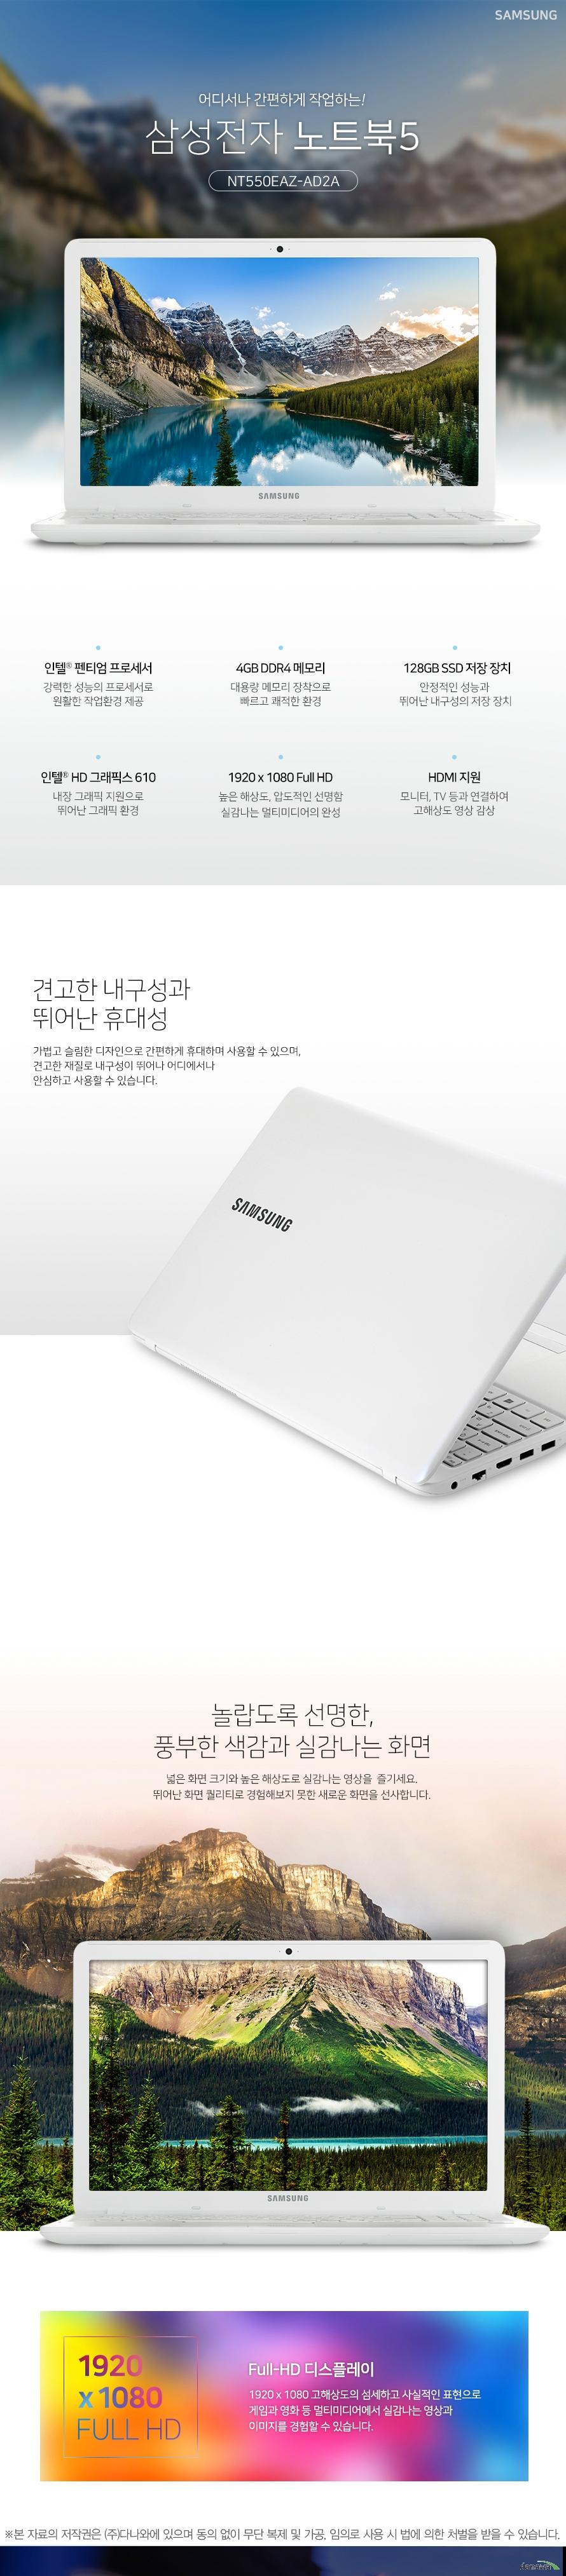 어디서나 간편하게 작업하는 삼성전자 노트북5 NT550EAZ-AD2A 인텔 펜티엄 프로세서 강력한 성능의 프로세서로 원활한 작업환경 제공 4GB DDR4 메모리 대용량 메모리 장착으로 빠르고 쾌적한 환경 128GB SSD 저장 장치 안정적인 성능과 뛰어난 내구성의 저장 장치 인텔 HD 그래픽스 610 내장 그래픽 지원으로 뛰어난 그래픽 환경 1920x1080 풀HD 높은 해상도, 압도적인 선명함 실감나는 멀티미디어의 완성 HDMI 지원 모니터, TV등과 연결하여 고해상도 영상 감상 견고한 내구성과 뛰어난 휴대성 가볍고 슬림한 디자인으로 간편하게 휴대하며 사용할 수 있으며, 견고한 재질로 내구성이 뛰어나 어디에서나 안심하고 사용할 수 있습니다. 놀랍도록 선명한, 풍부한 색감과 실감나는 화면 넓은 화면 크기와 높은 해상도로 실감나는 영상을 즐기세요. 뛰어난 화면 퀄리티로 경험해보지 못한 새로운 화면을 선사합니다. 1920 x 1080 풀HD 풀HD 디스플레이 1920x1080 고해상도의 섬세하고 사실적인 표현으로 게임과 영화 등 멀티미디어에서 실감나느 영상과 이미지를 경험할 수 있습니다. 인텔 뛰어난 성능의 CPU 인텔 펜티엄 프로세서 인텔 프로세서는 이전 세대에 비해 더욱 빨라진 시스템 성능과 부드러워진 스트리밍 환경, 풍부한 텍스처와 생생한 그래픽의 HD 화면을 제공합니다. DDR4 4GB RAM 더욱 향상된 성능, 4GB RAM 넉넉한 용량의 RAM 메모리로 빠른 환경을 구축하여 더욱 향상된 성능을 경험할 수 있습니다. 128GB SSD 넉넉한 저장 용량, 128GB SSD 넉넉한 저장 용량으로 다양한 게임 및 자료를 저장하고 효율적인 작업 환경을 구축할 수 있습니다. 고해상도 영상을 대형화면으로 즐기세요. HDMI 포트를 기본으로 장착하여 1080p 풀HD 영상과 HD고음질 사운드를 지원합니다. 다양한 영상기기와 연결하여 대형화면으로 즐길 수 있습니다. 편리하고 정확한 조작감 치클릿 키보드 키와 키 사이에 간격이 있는 치클릿 키보드를 장착하여 오타가 적고 정확한 타이핑을 할 수 있습니다. 뛰어난 키감으로 사용감이 좋습니다. 숫자 키패드가 포함된 풀사이즈 키보드 풀사이즈 키보드는 숫자 키패드를 포함하고 있습니다. 기존에 데스크탑 키배열을 그대로 옮겨와 더욱 편리하게 사용할 수 있습니다. 스펙 CPU 인텔 펜티엄 듀얼코어 4415U 프로세서 기본 2.3GHz, 2MB, TDP 15W 운영체제 리눅스 메모리 4GB DDR4 (슬롯x2) 저장장치 M.2 SSD 128GB (2.5추가 슬롯 x1) ODD 없음 LCD 크기 39.62cm LCD 종류 LED 백라이트 LCD, 광시야각, 눈부심 방지 해상도 1920x1080 (16:9 풀HD) 그래픽 인텔 HD 그래픽스 610 그래픽 전용 메모리 시스템 메모리 공유 LAN 유선 있음 무선 802.11ac 블루투스 블루투스 지원 입출력단자 HDMI, 오디오, USB 3.0(3.1 Gen1) 2개, USB 2.0 1개 카메라 HD 웹캠 크기 377.4x248.6x19.9cm 무게 1.9kg KC인증 R-REM-SEC-NT350XAA 제품의 외관, 사양 등은 제품 개선을 위해 사전예고 없이 변경될 수 있습니다.